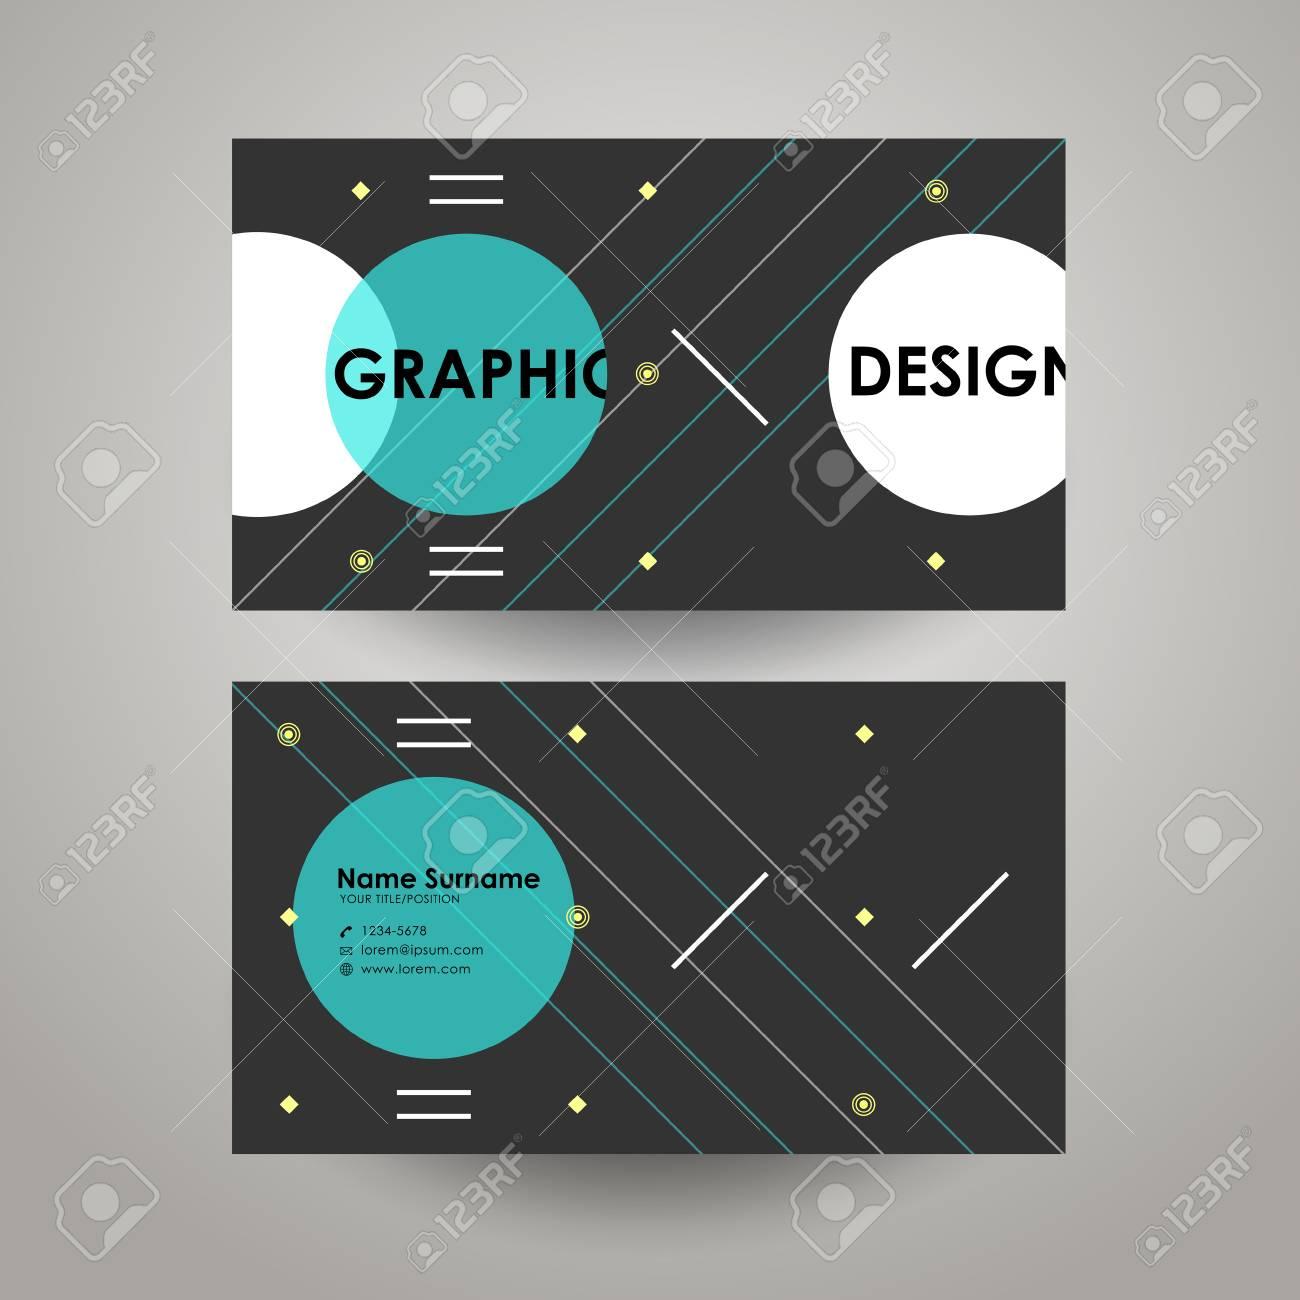 Plantilla De Diseño Moderno Geométrico Para Tarjetas De Visita ...